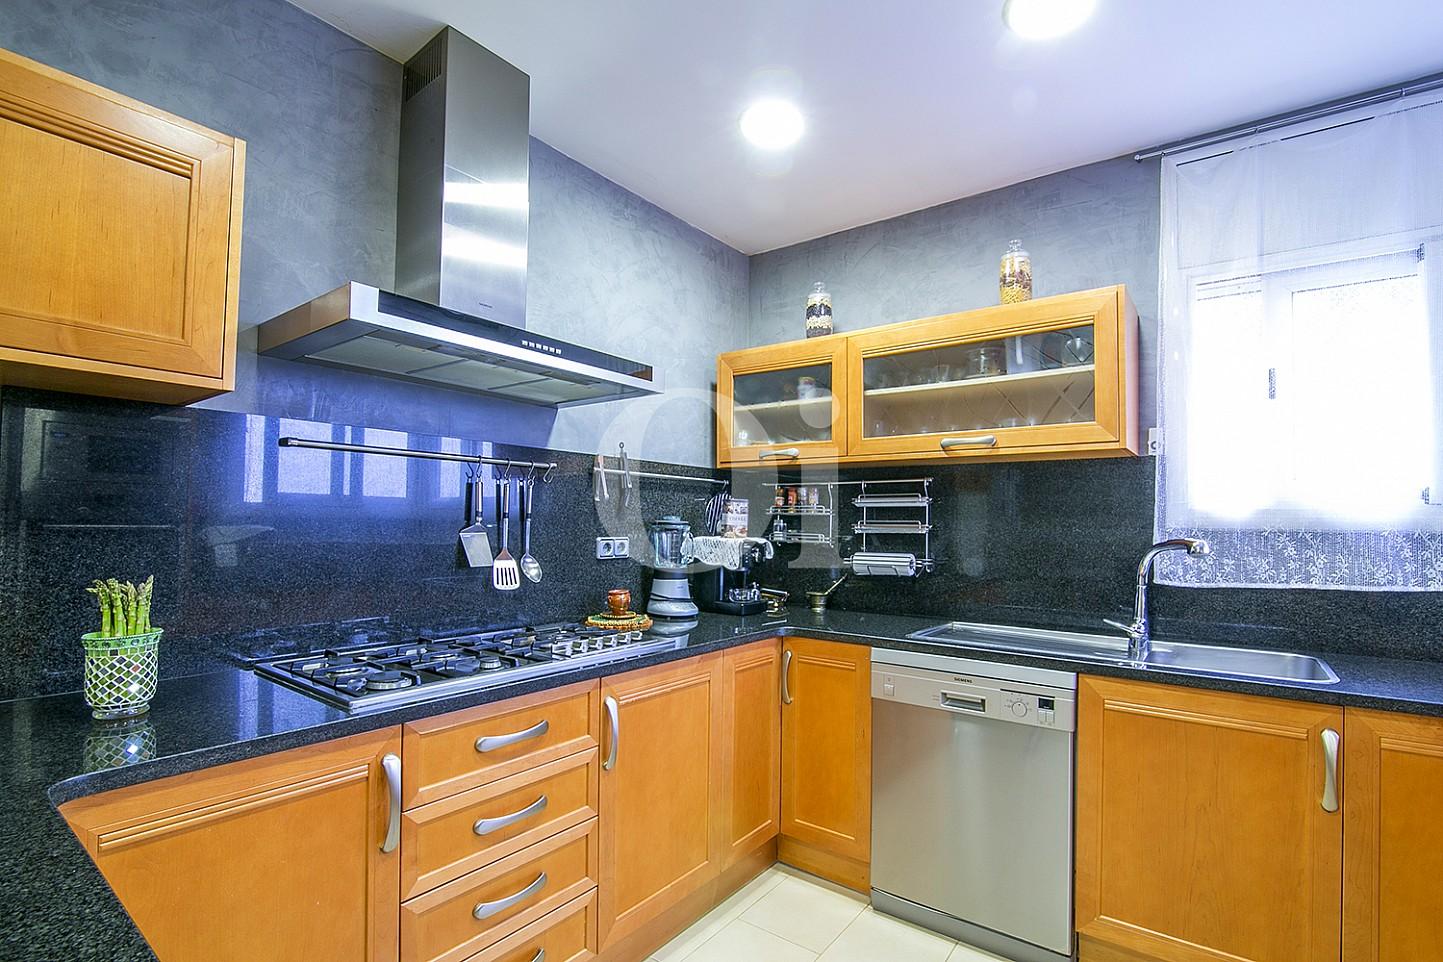 Küche eines Hauses mit Anblicken zum Verkauf in Lloret de Mar, Costa Brava